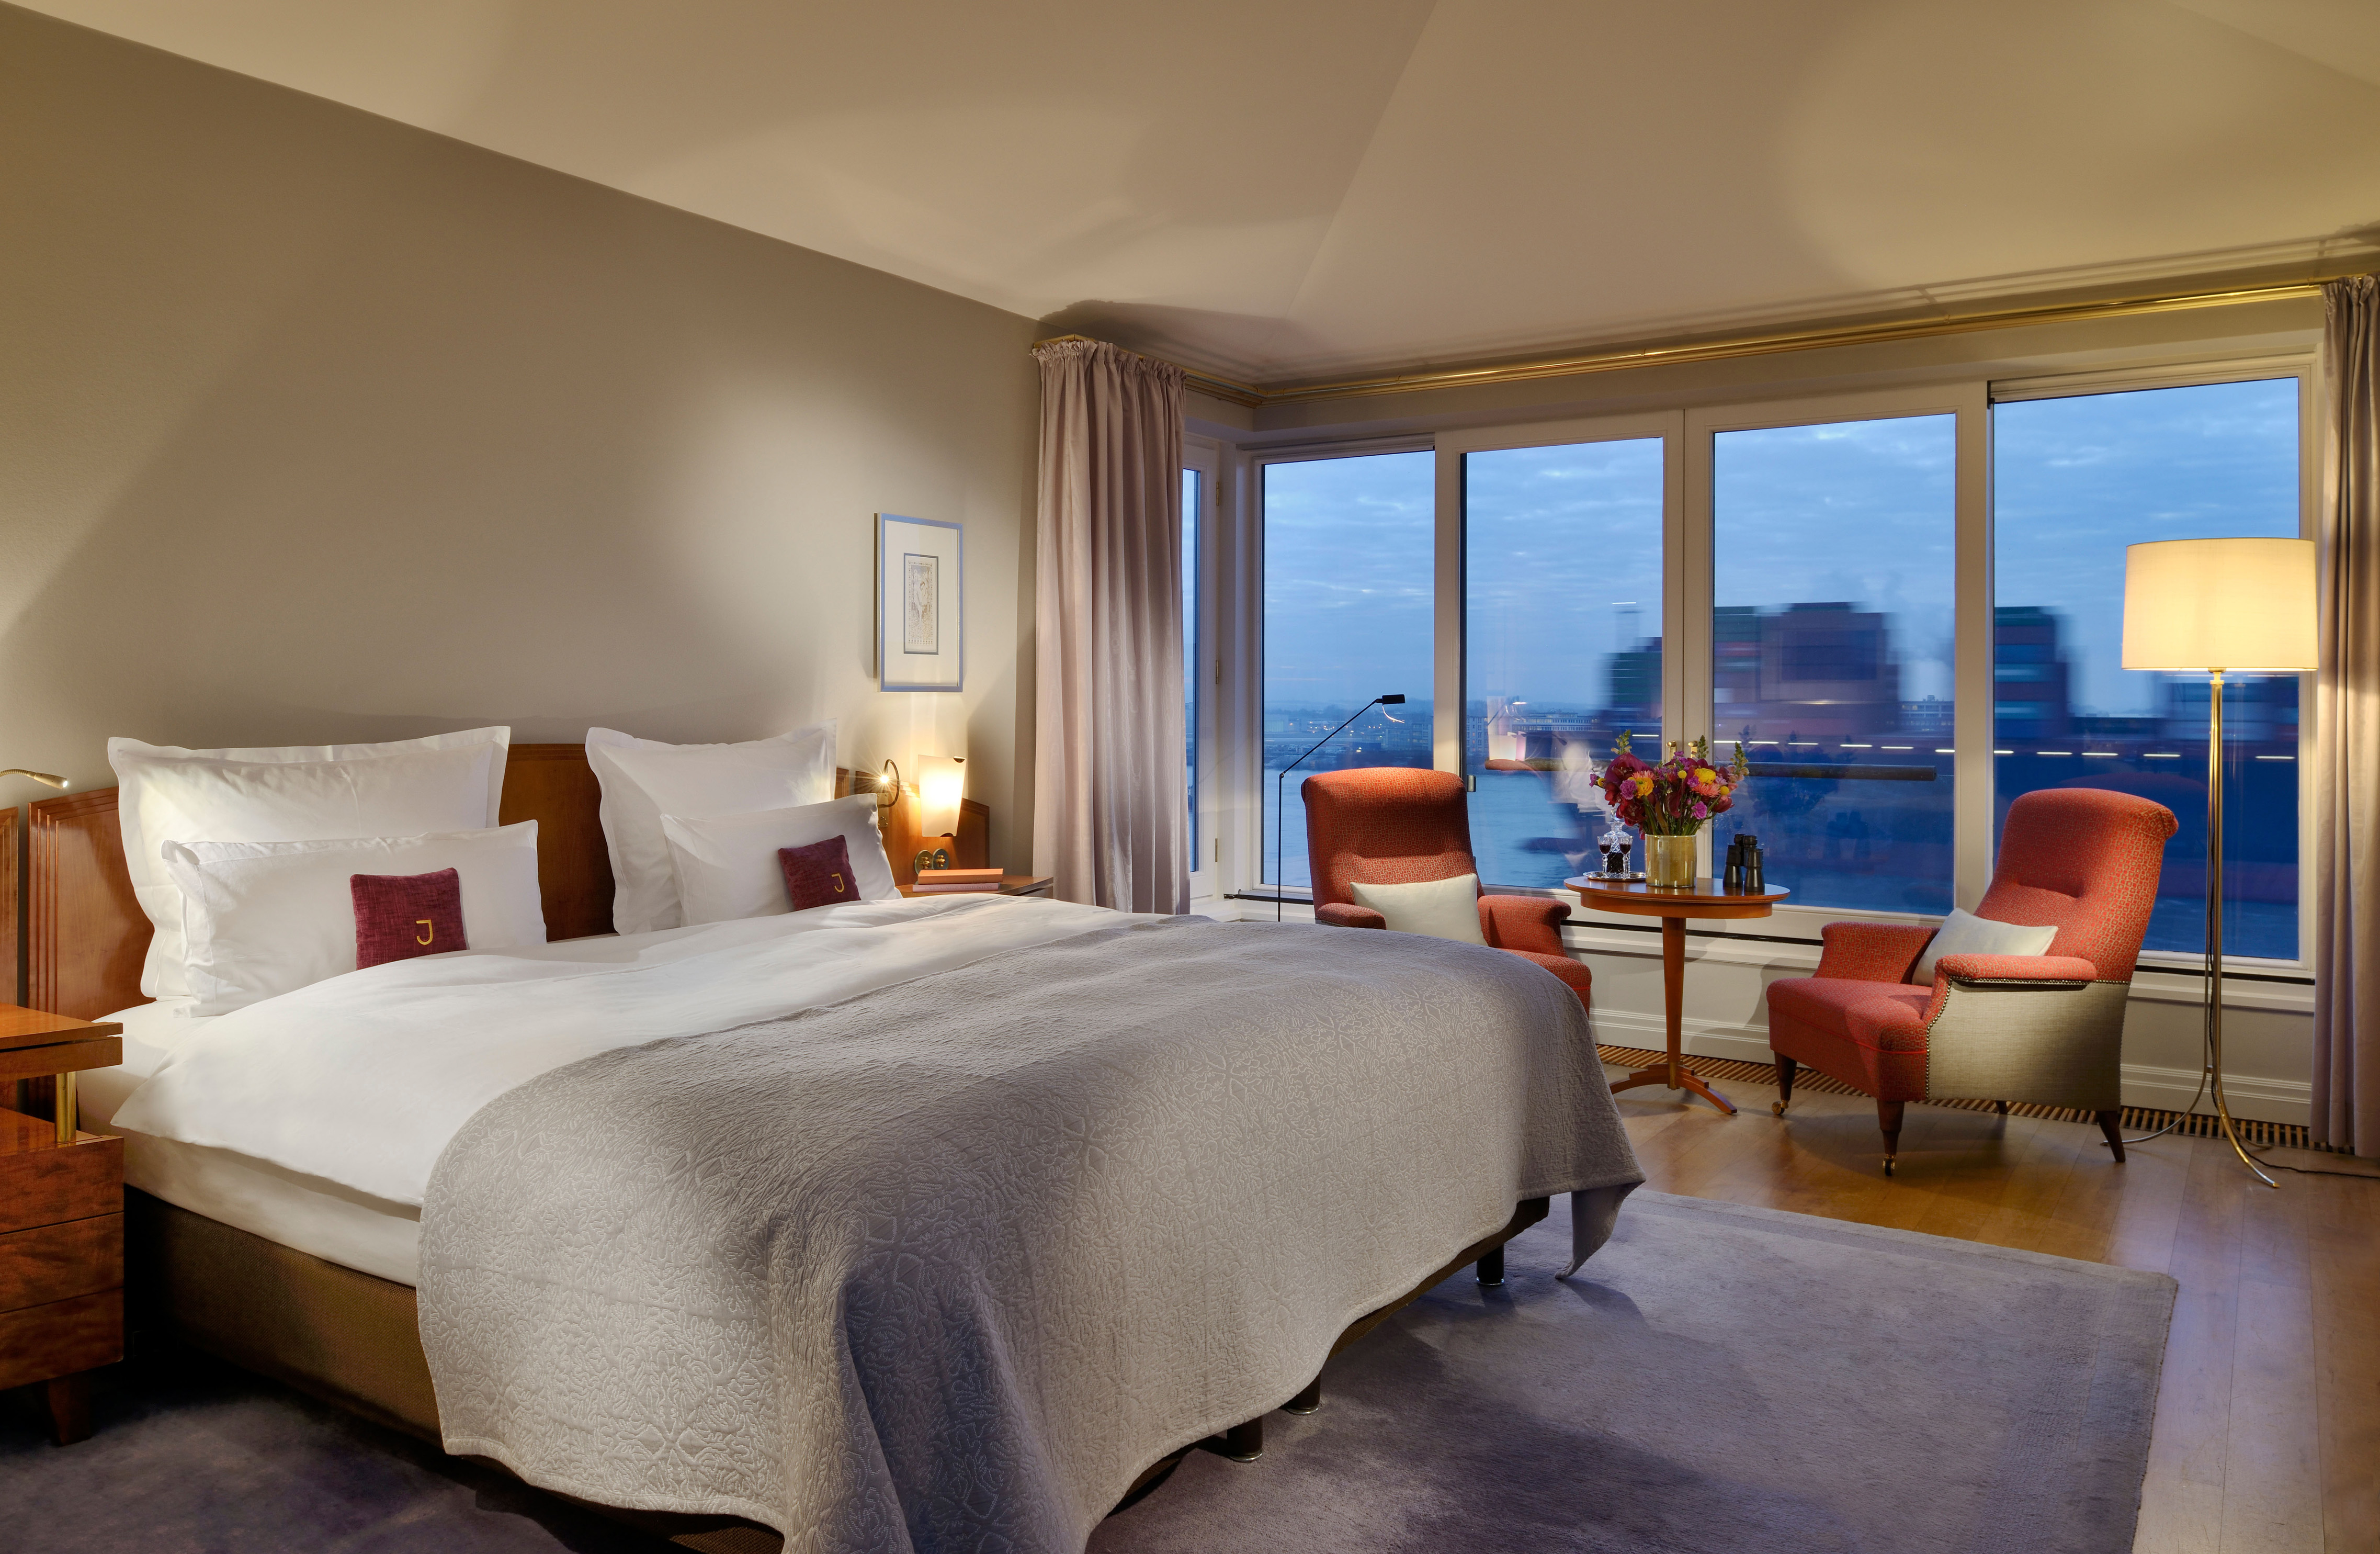 Einzigartige Aussicht: In den Zimmern des Louis C. Jacob lässt es sich mit Elbblick entspannen © Hotel Louis C. Jacob GmbH